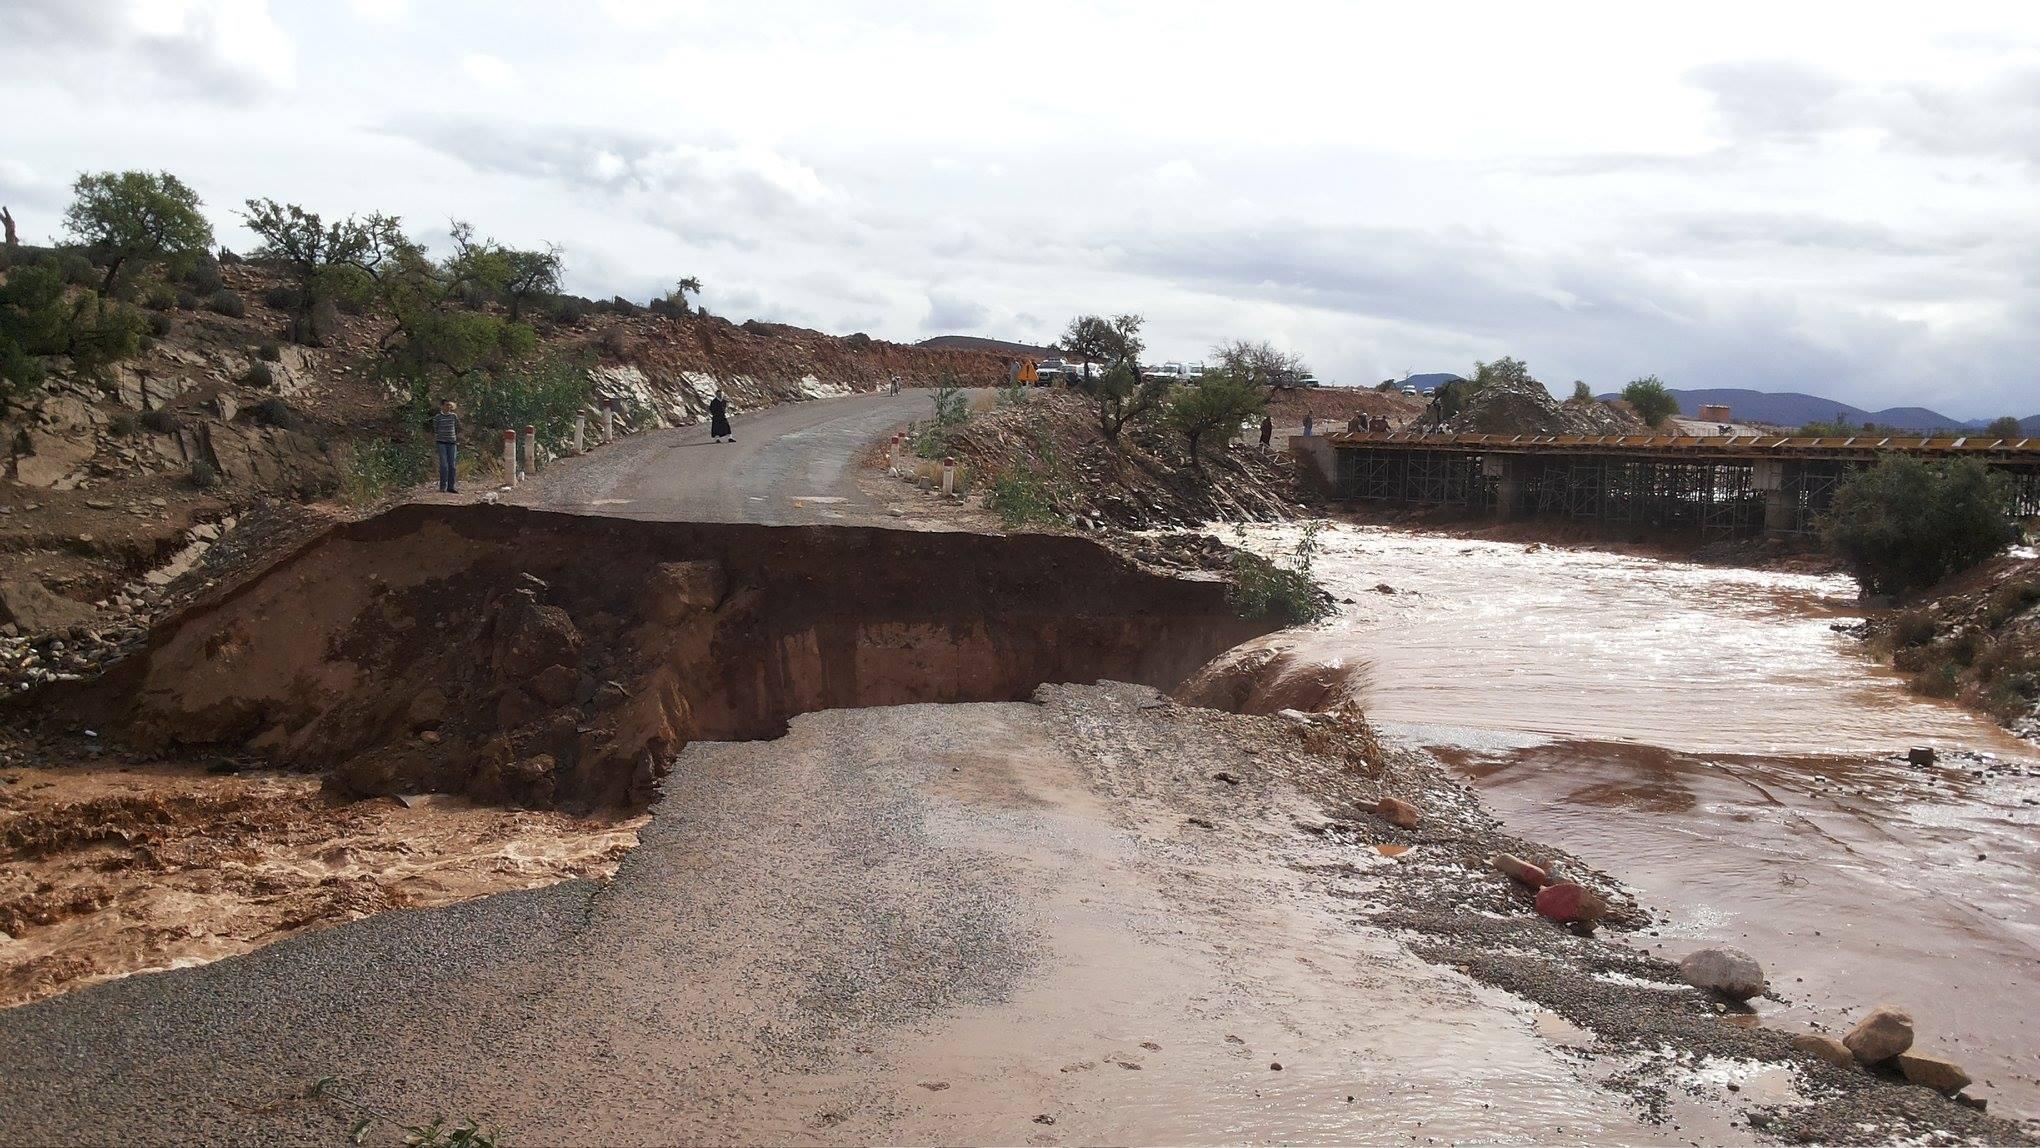 قافلة تضامنية مع متضرري الفيضانات لجمعية شباب سوسللتنمية الاجتماعية و الثقافية و الرياضيةبأكادير